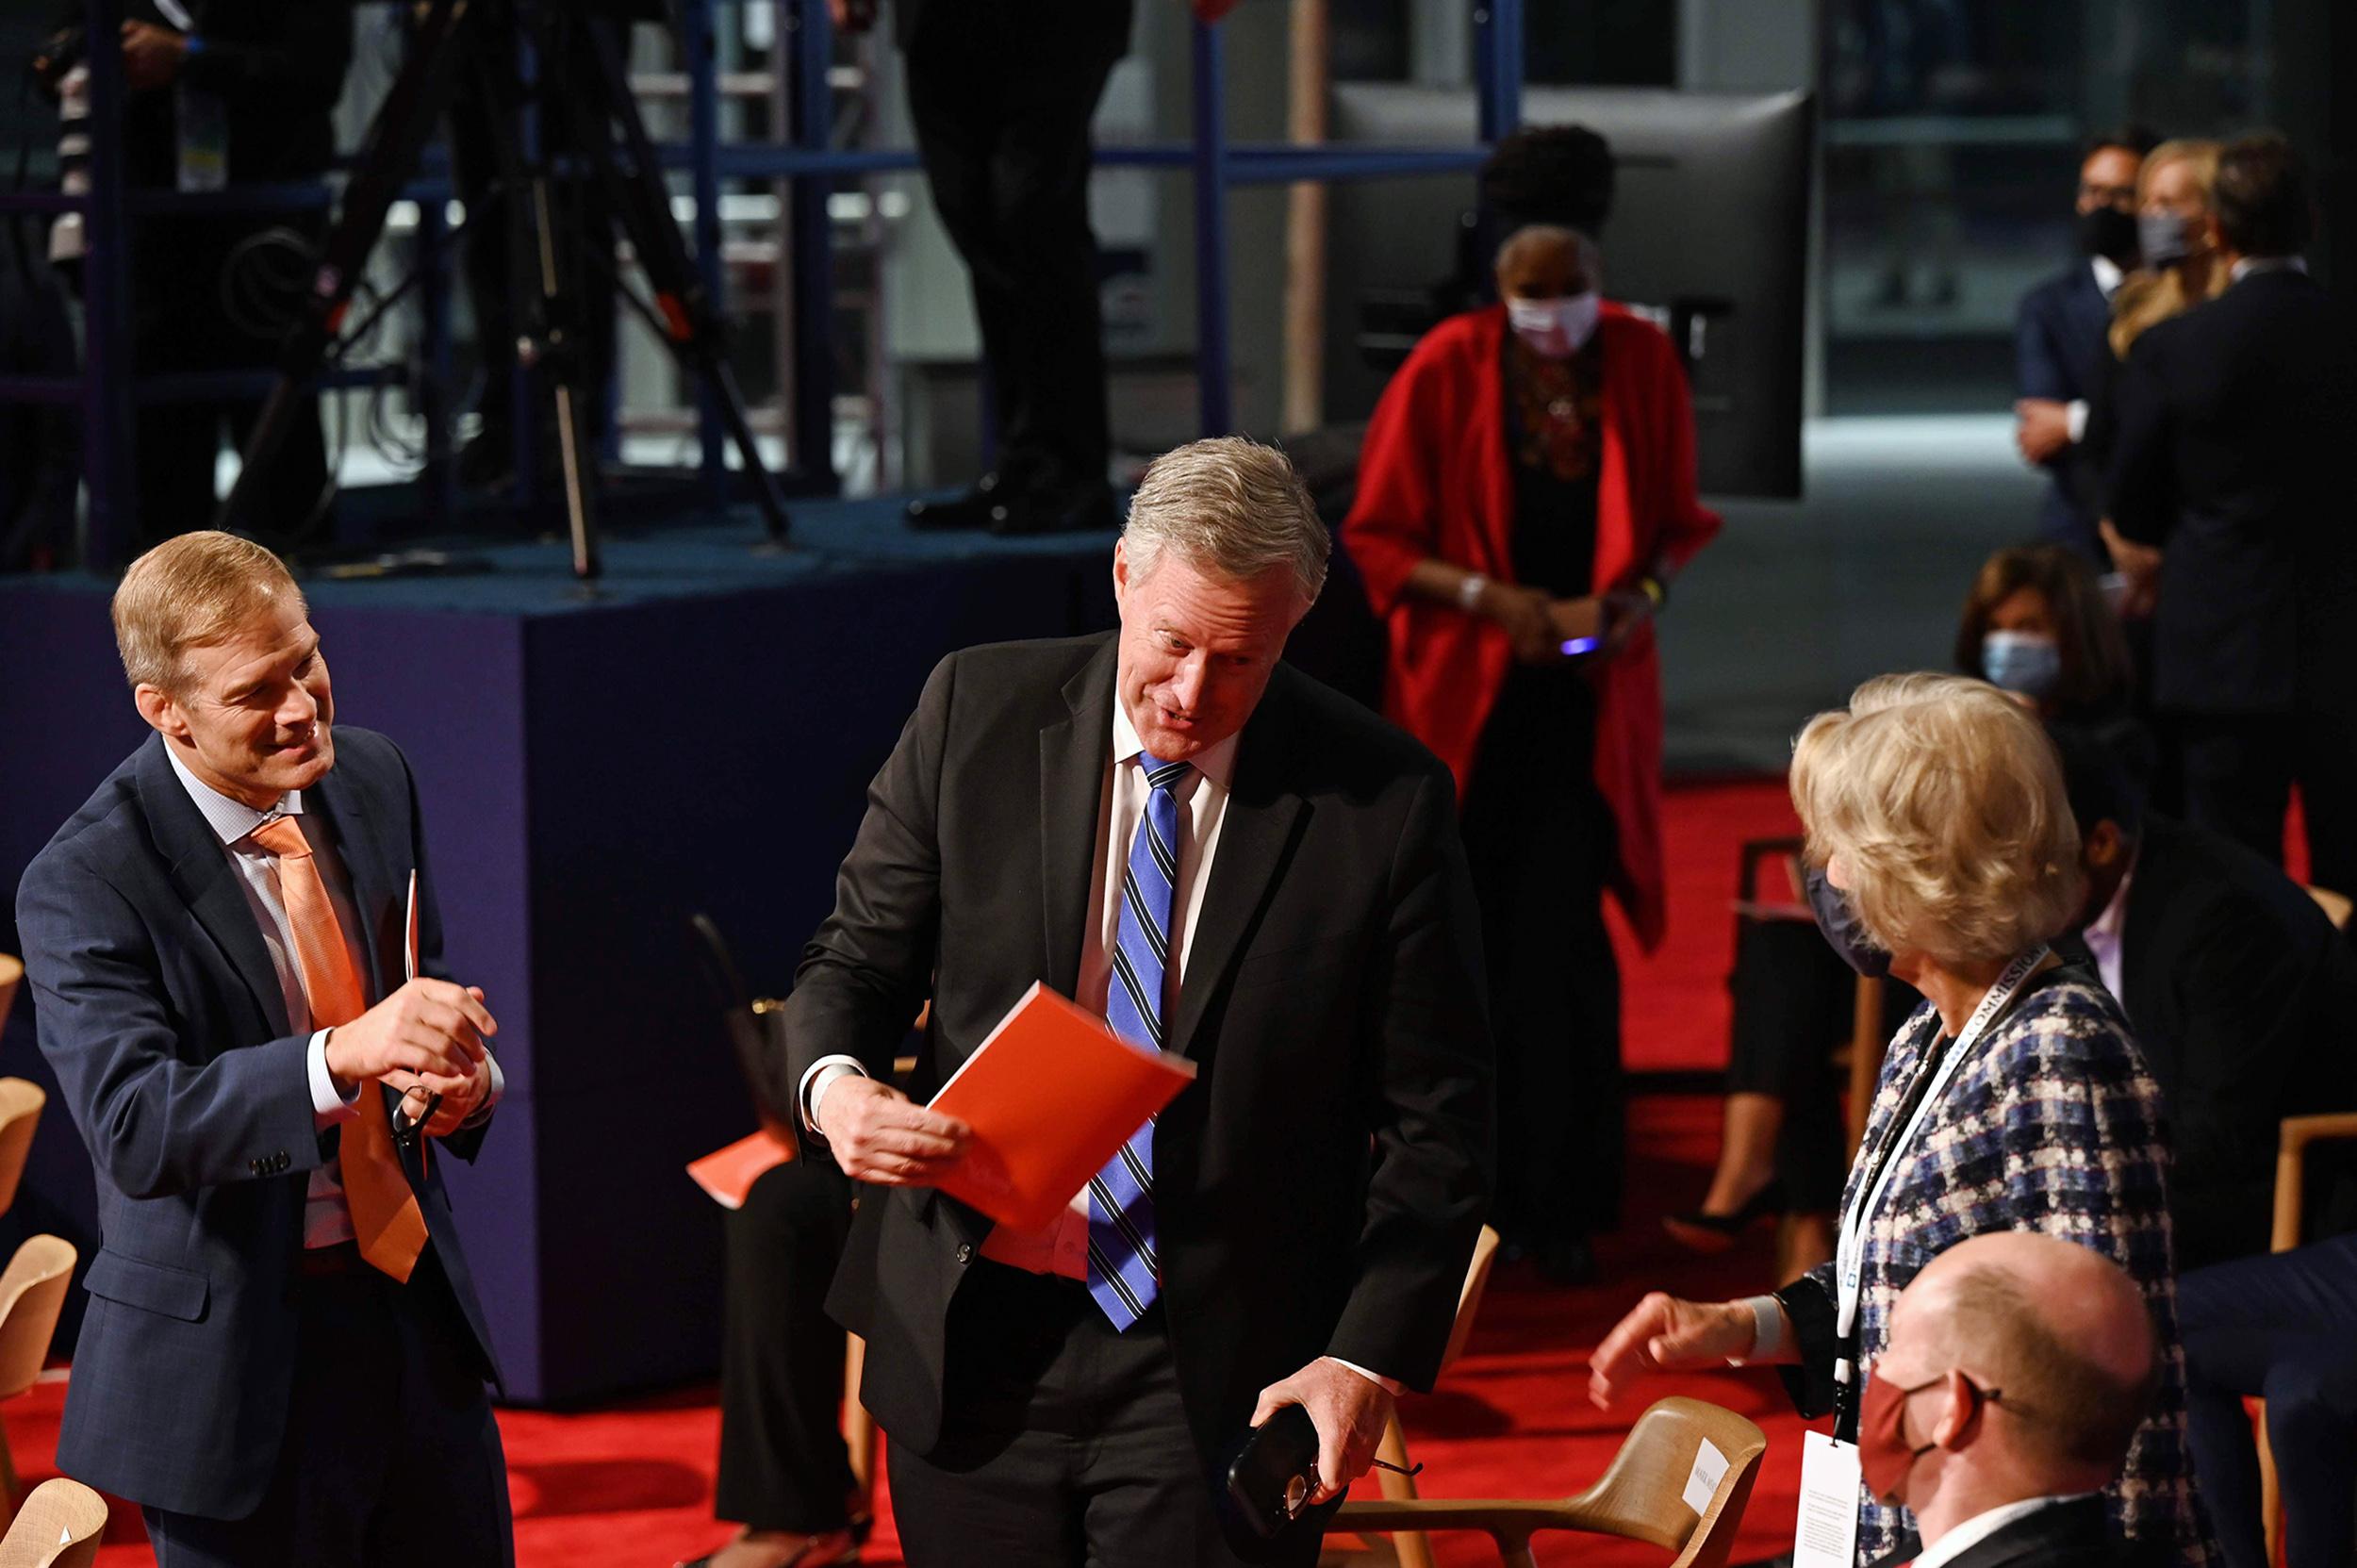 Image: US-VOTE-DEBATE (Jim Watson / AFP - Getty Images)